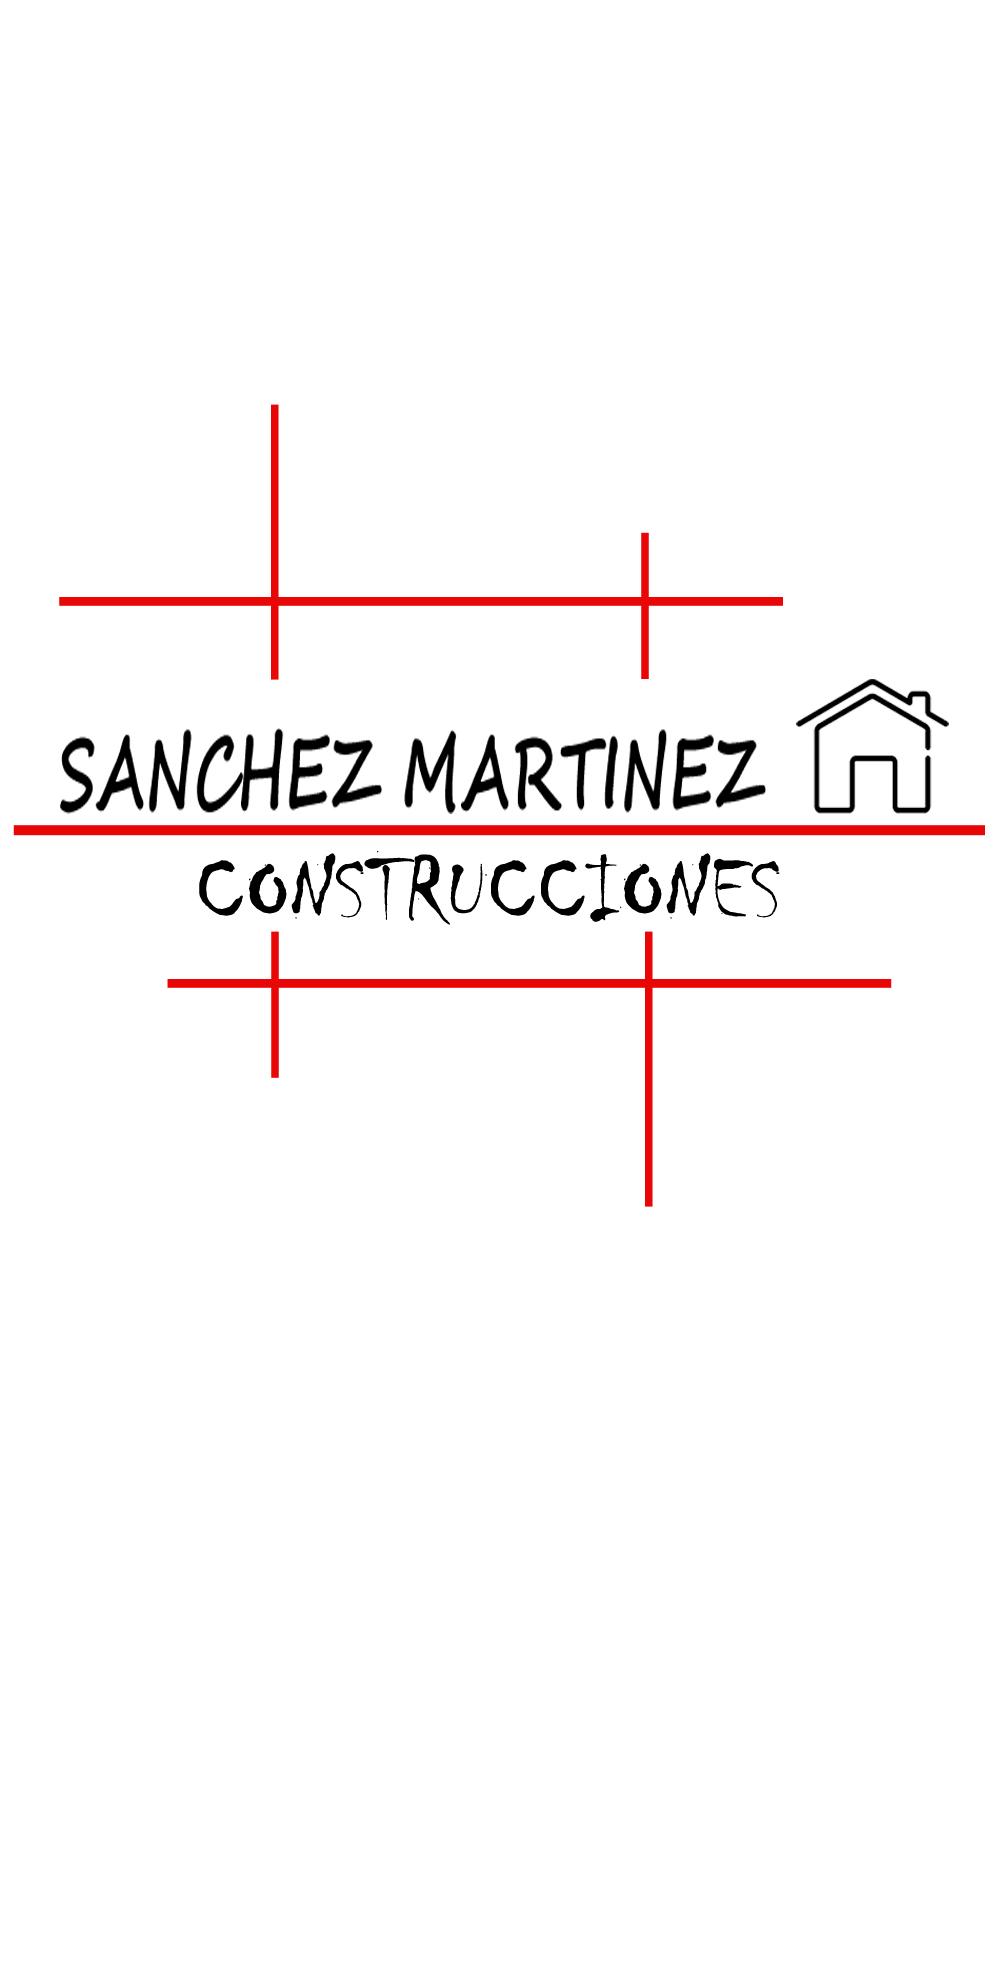 Construcciones Sanchez Martinez